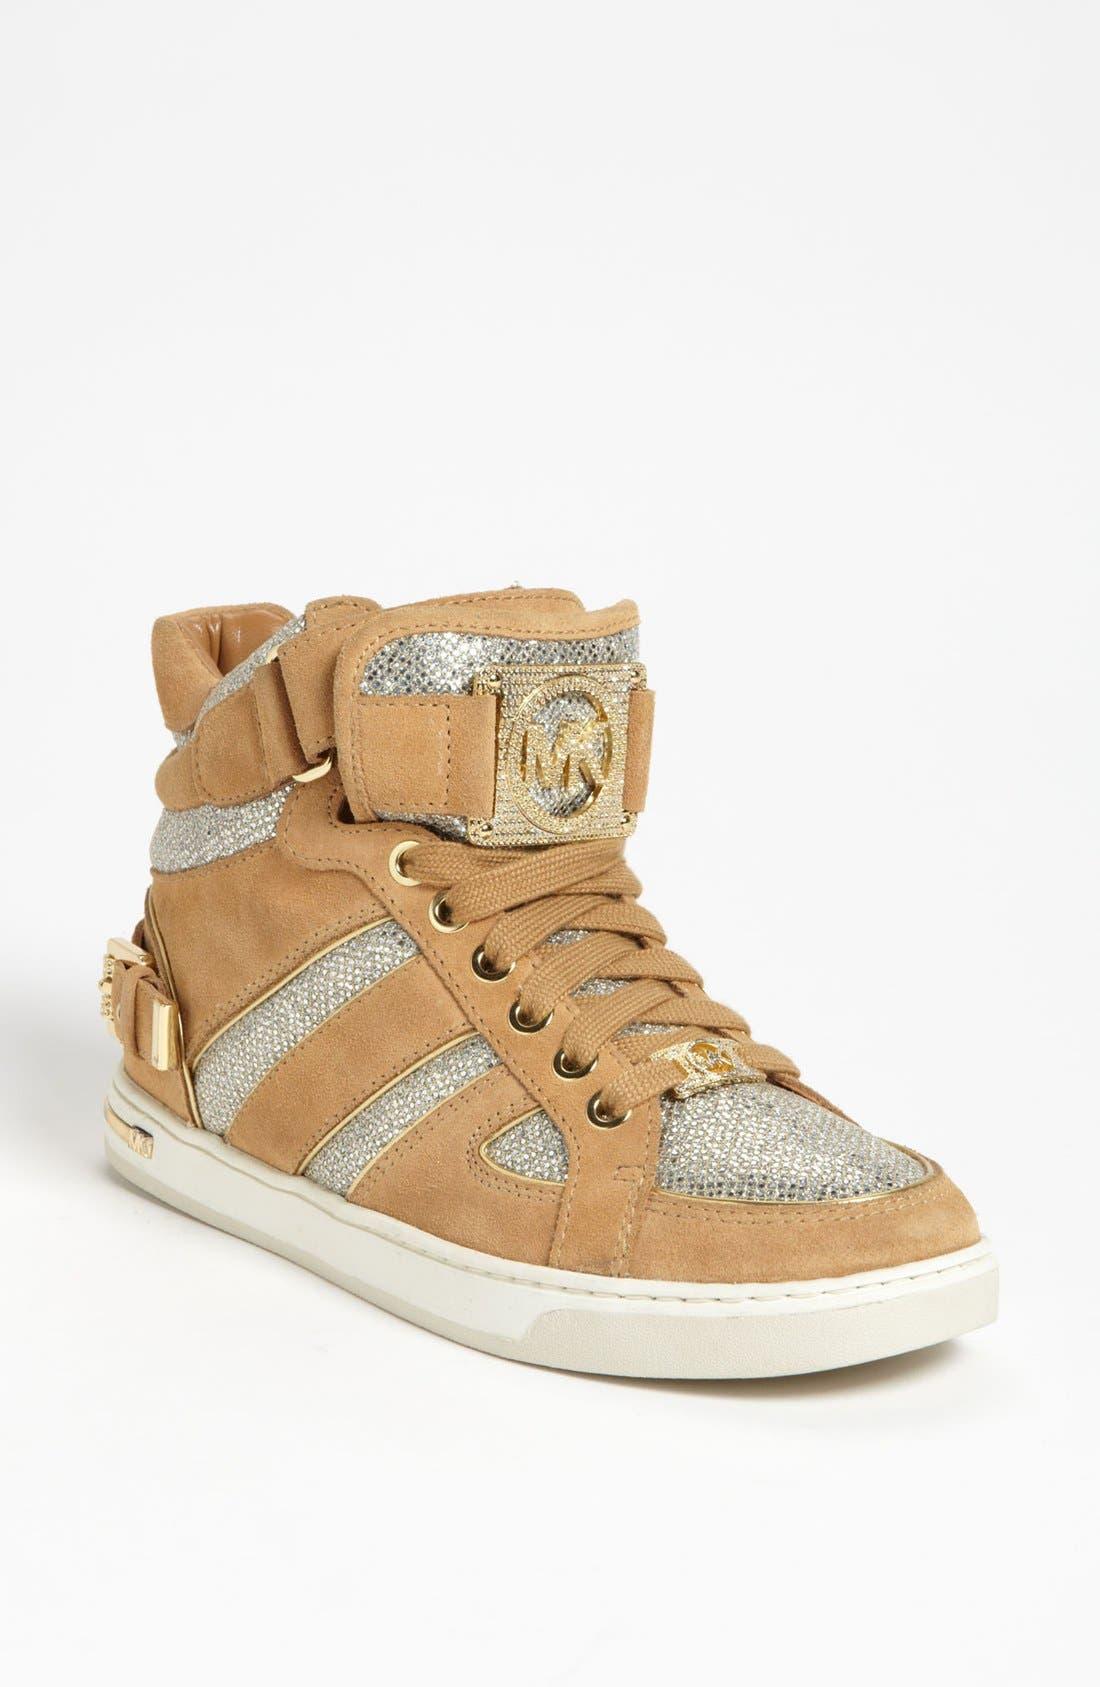 Alternate Image 1 Selected - MICHAEL Michael Kors 'Fulton' High Top Sneaker